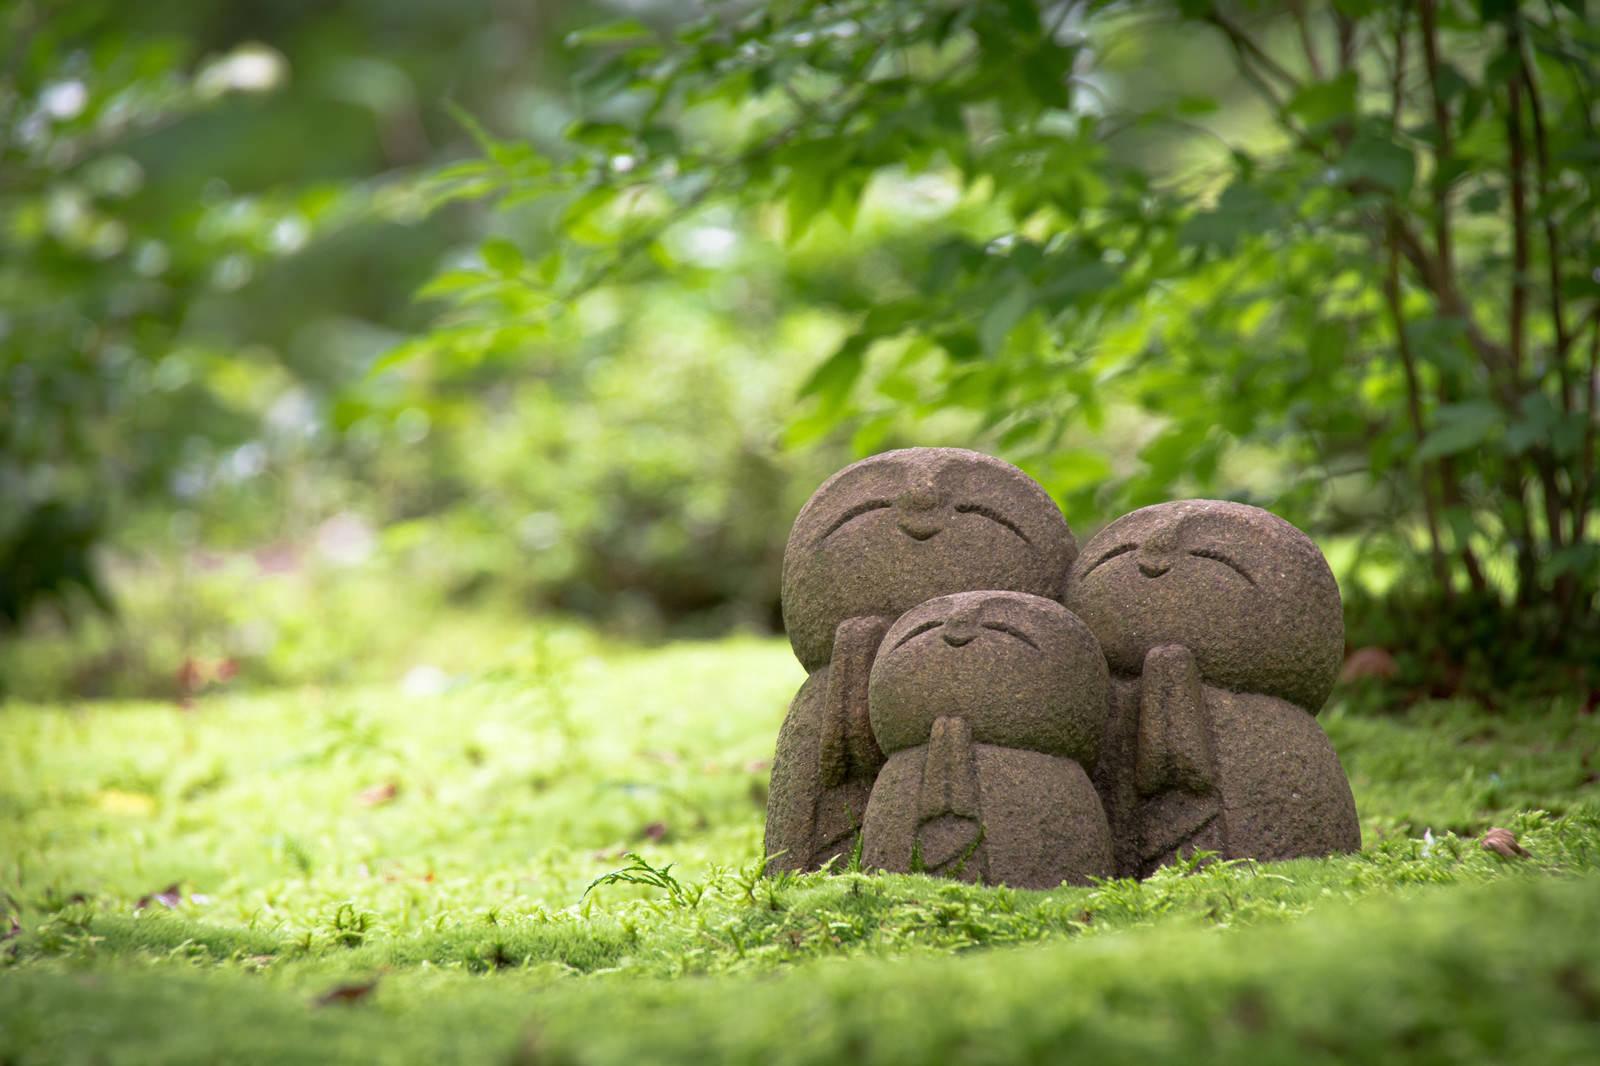 「深い苔の絨毯の上でほほえむ詩仙堂の小さなお地蔵様」の写真